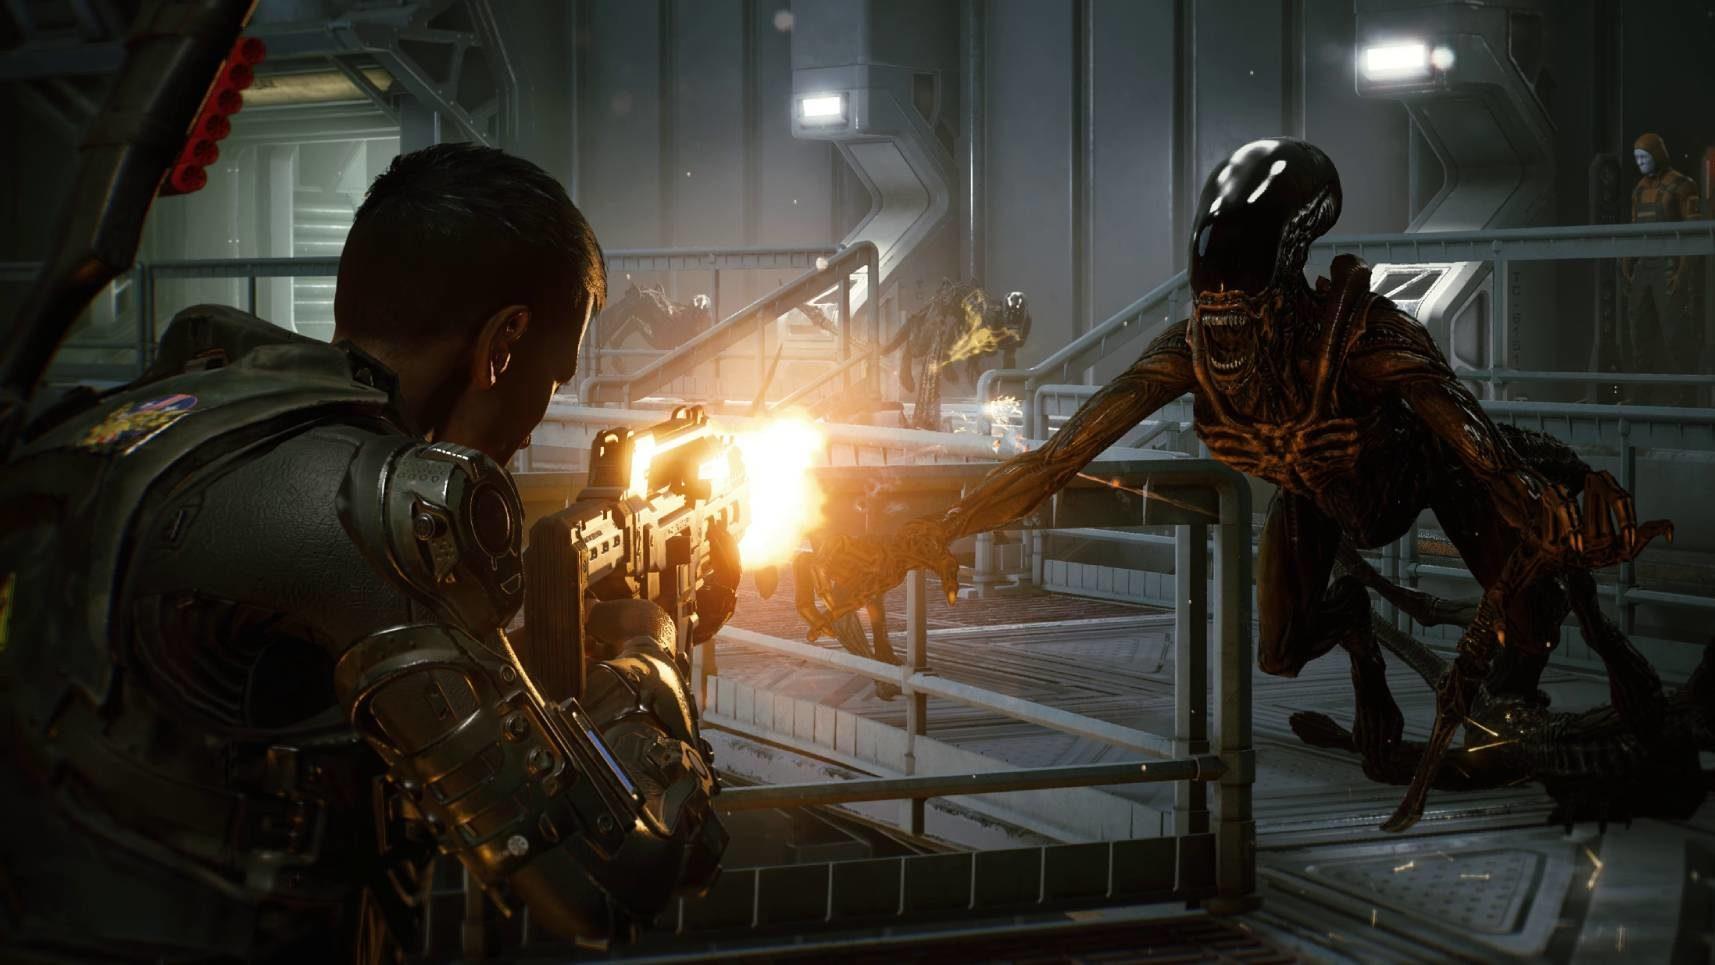 Aliens та Psychonauts: топ-5 відеоігор серпня 2021